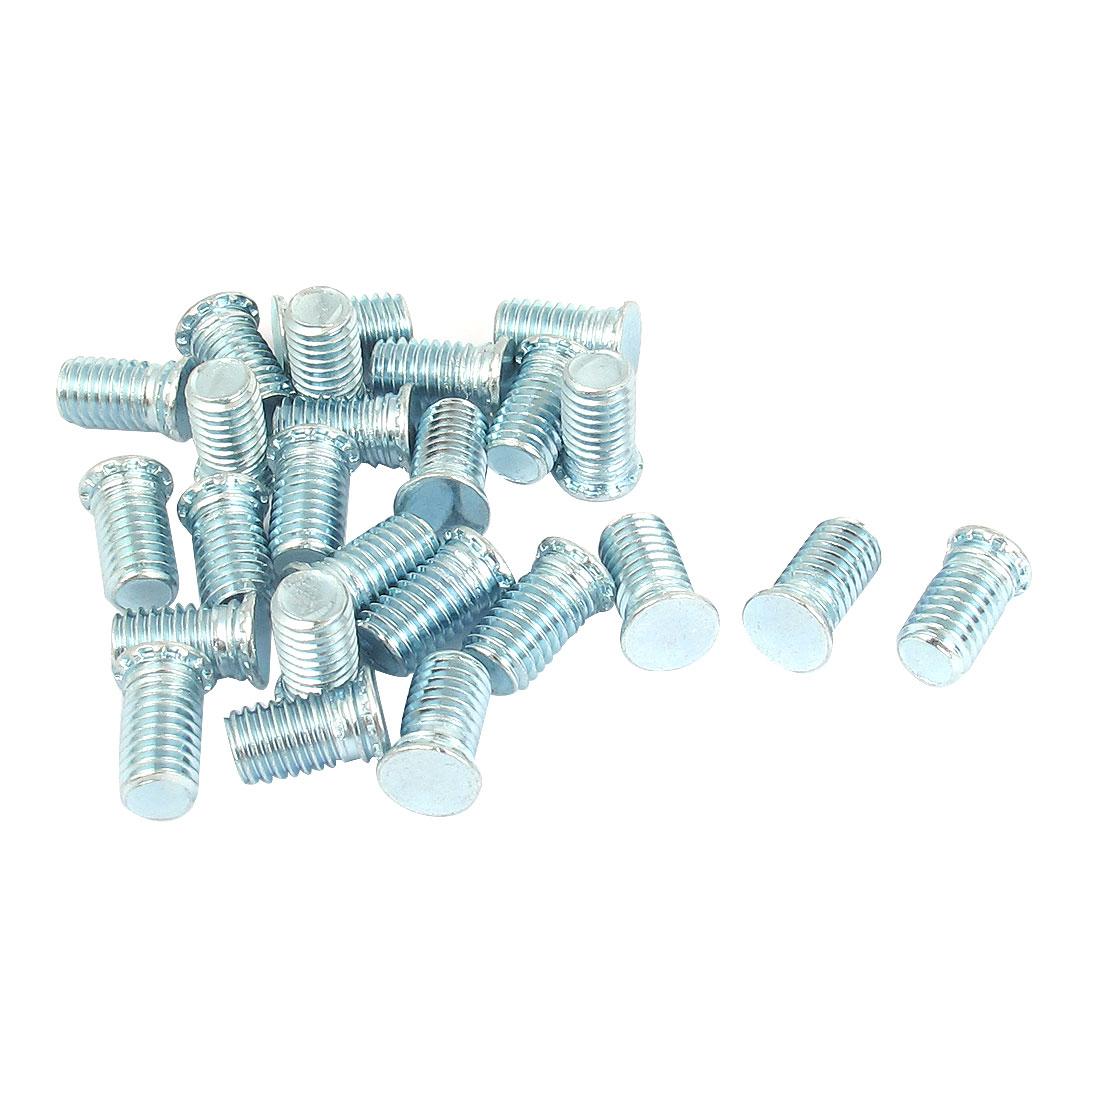 M8x15mm Zinc Plated Flush Head Self Clinching Threaded Studs Fastener 25pcs